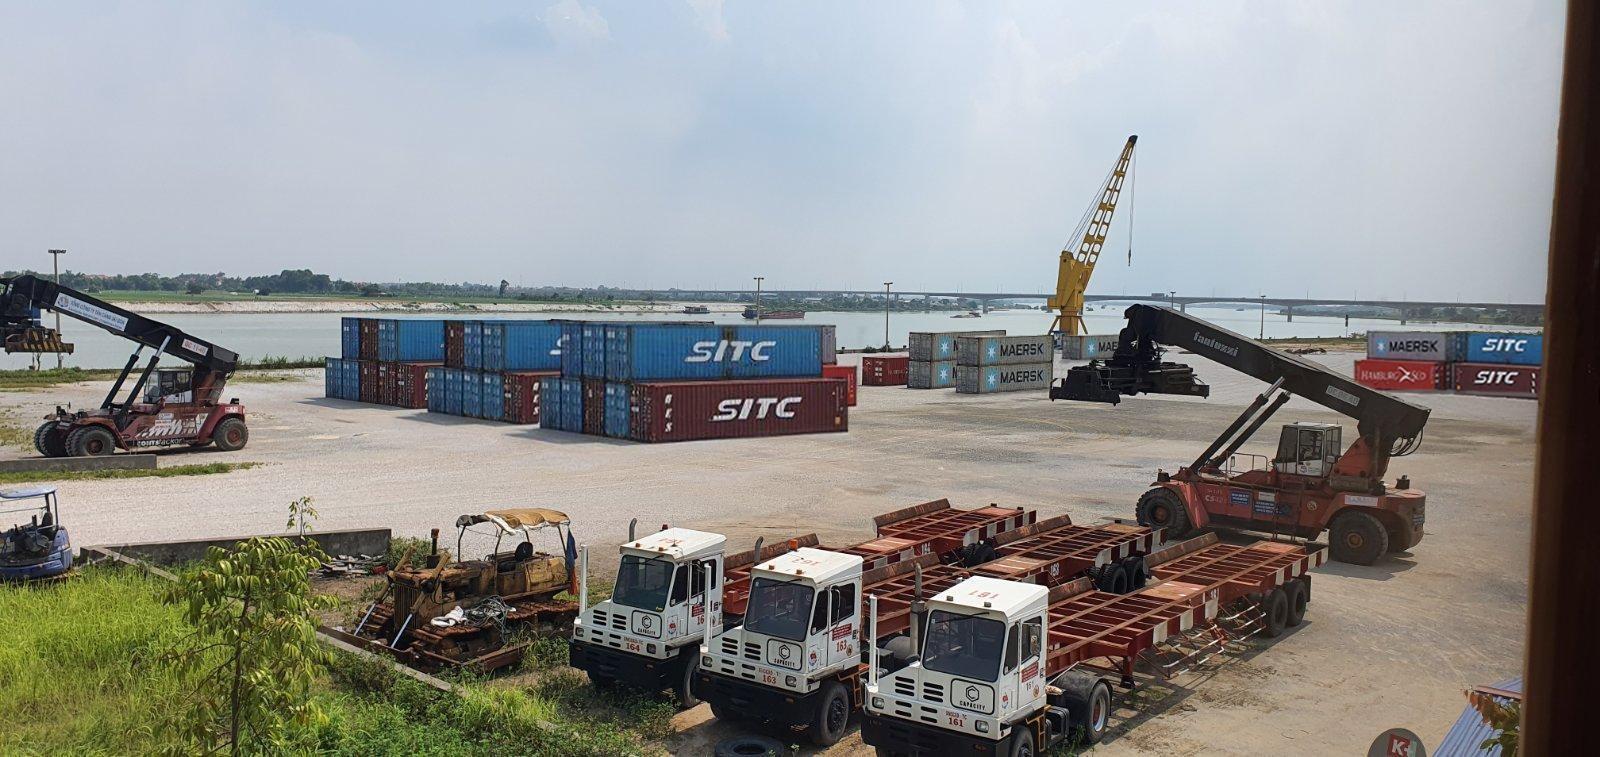 Bộ GTVT công nhận Tân cảng Quế Võ là cảng cạn thứ 10 cả nước